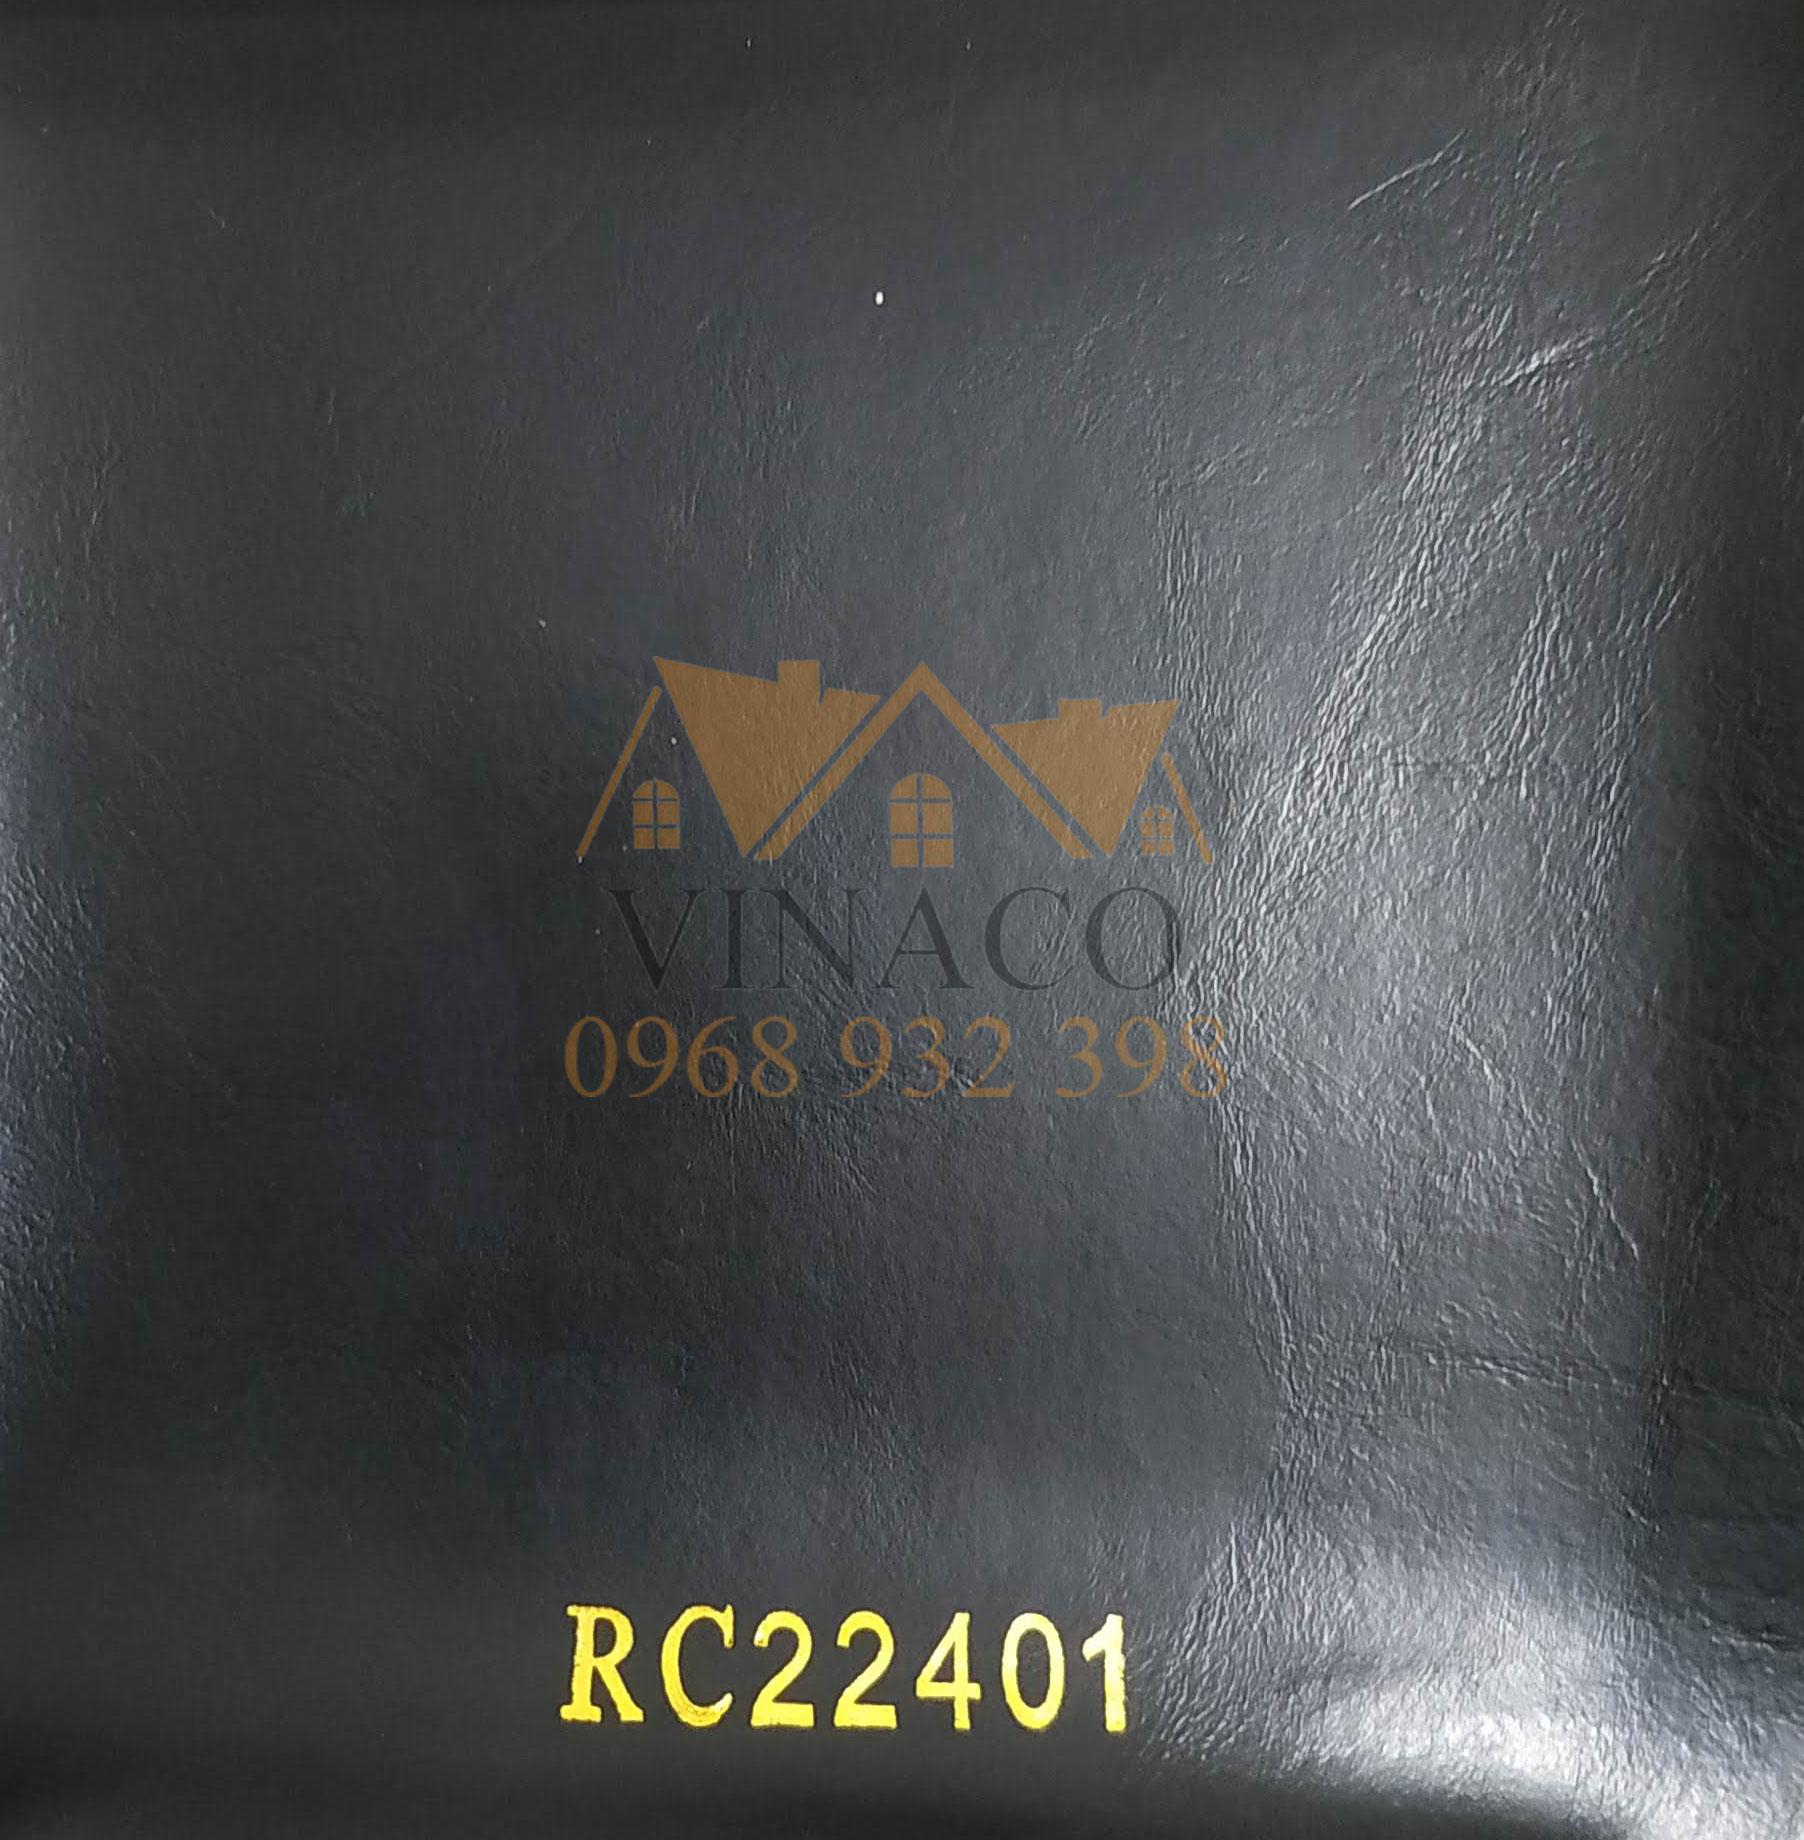 Mẫu da RC giá rẻ chuyên dùng cho sofa